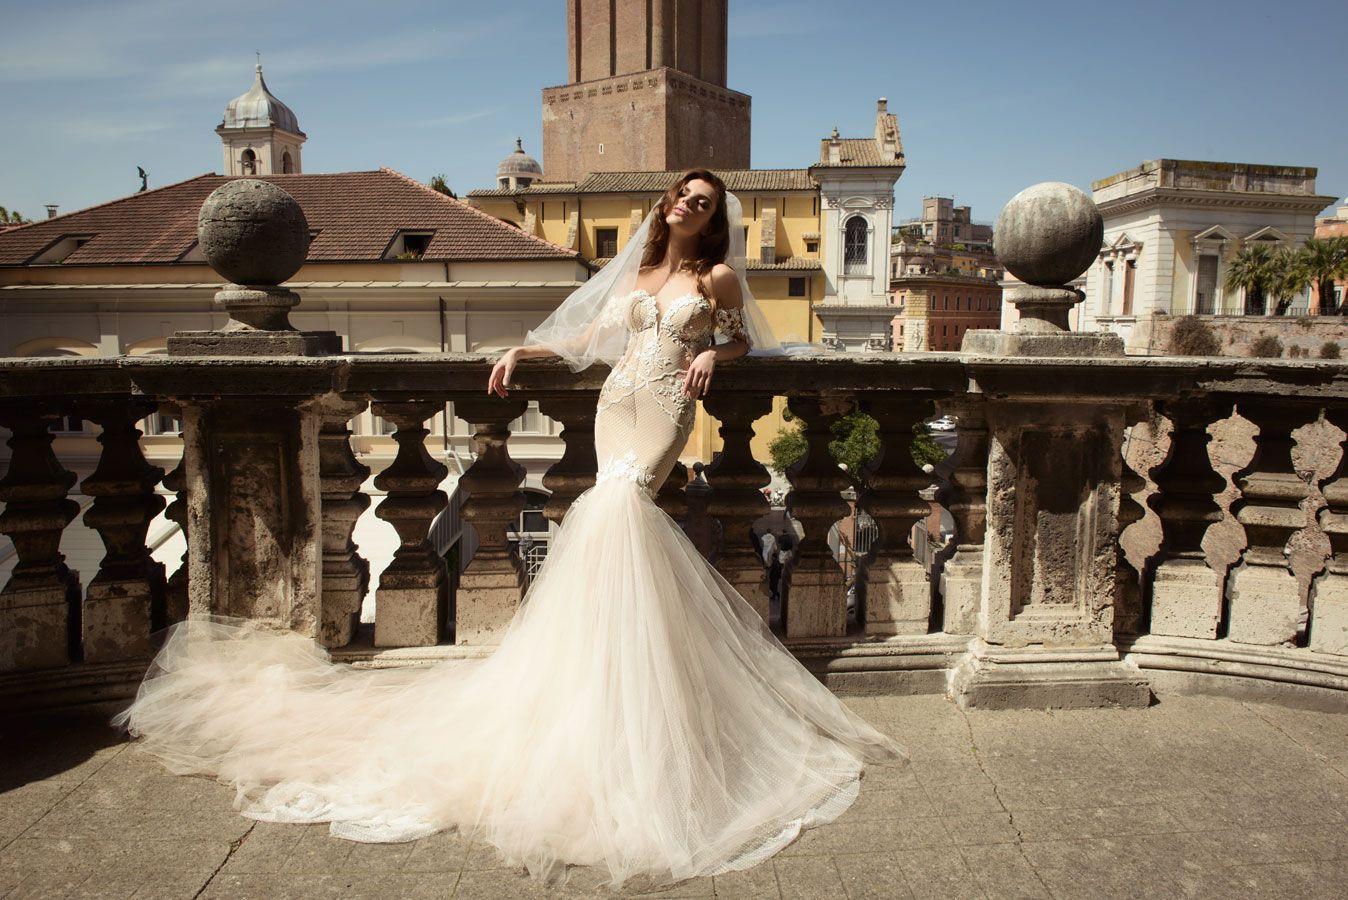 Julie vino wedding dresses spring bridal collection ucroma